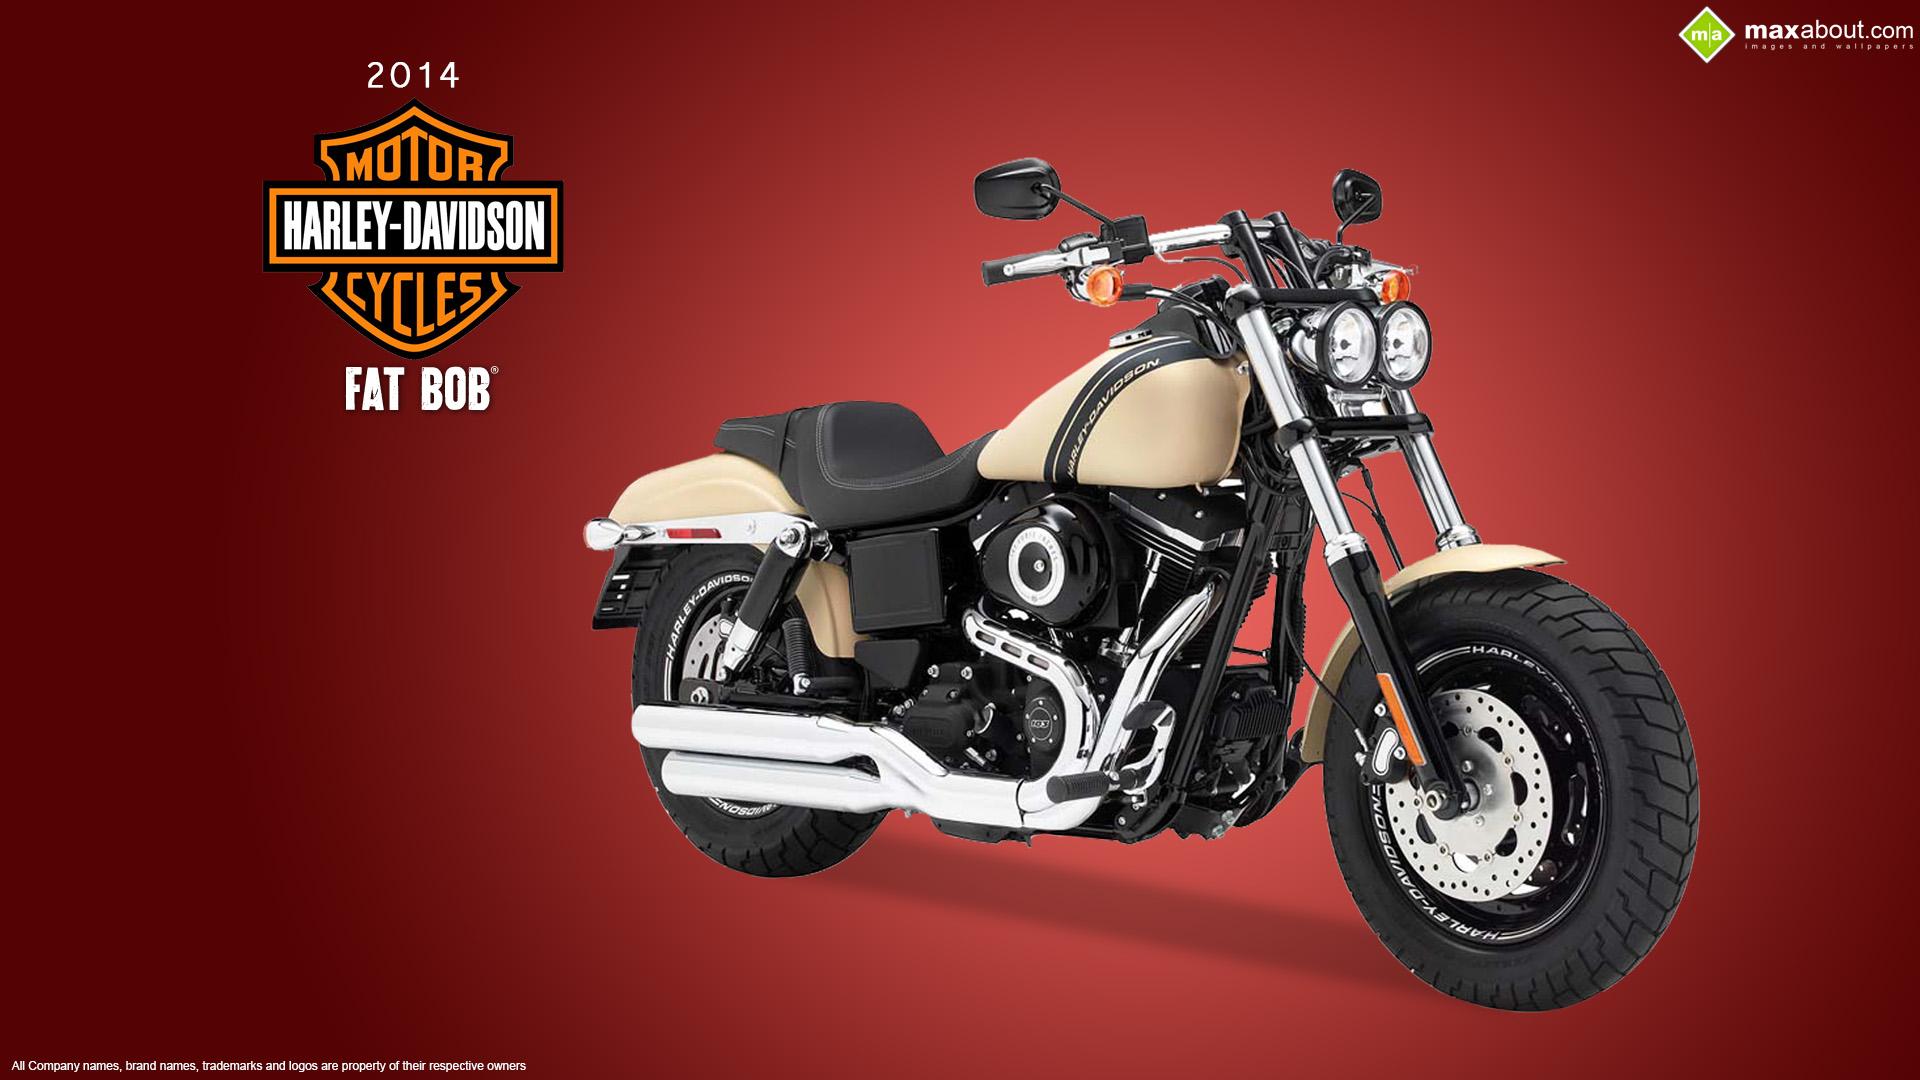 2014 Harley Davidson Fat Bob 1920x1080